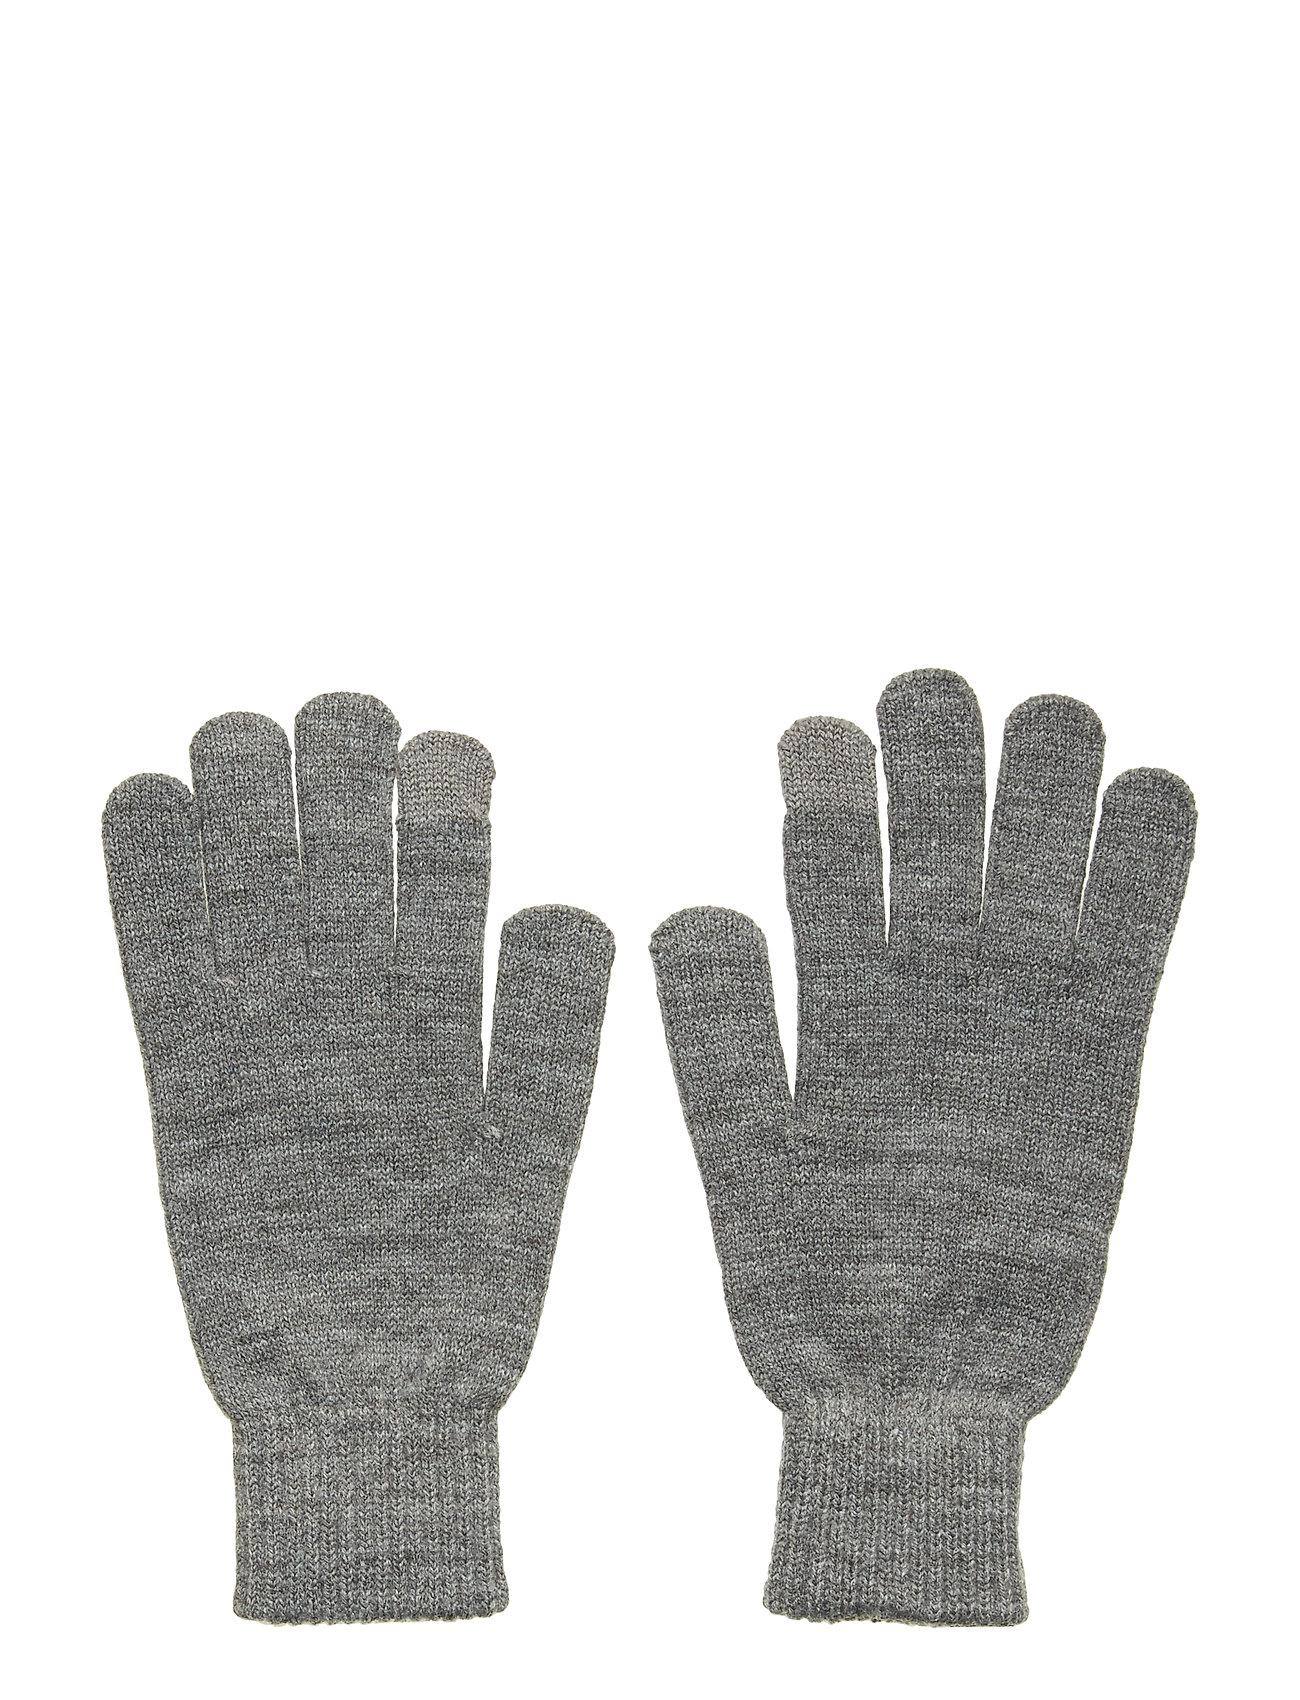 Image of Jacbarry Knitted Gloves Noos Handsker Grå Jack & J S (3237676381)